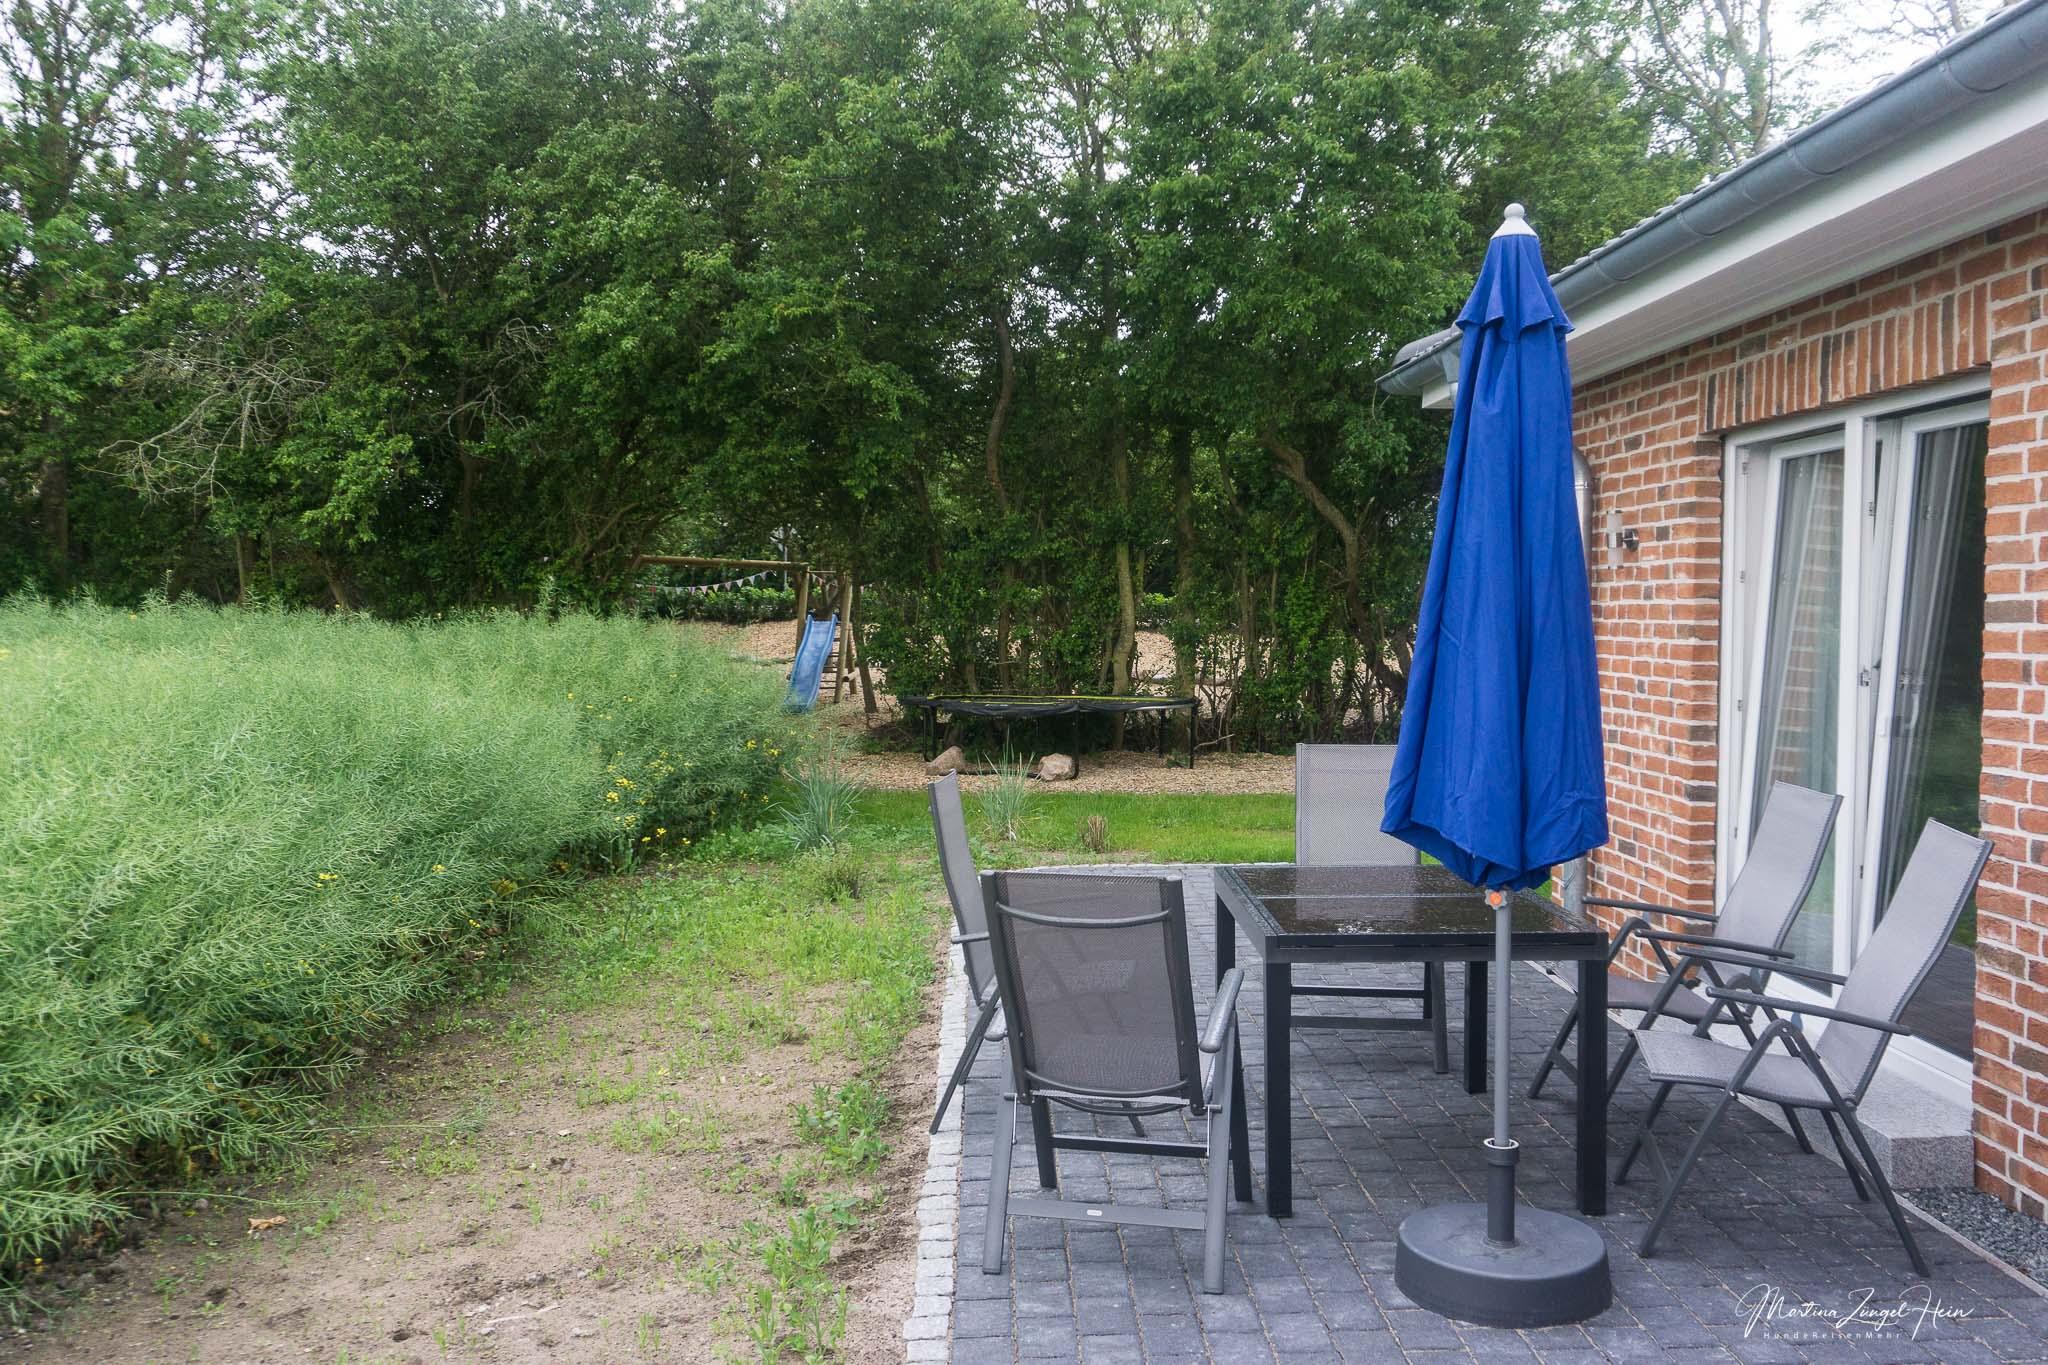 Feriendomizil SeeSand - hundefreundliches Ferienhaus auf Fehmarn